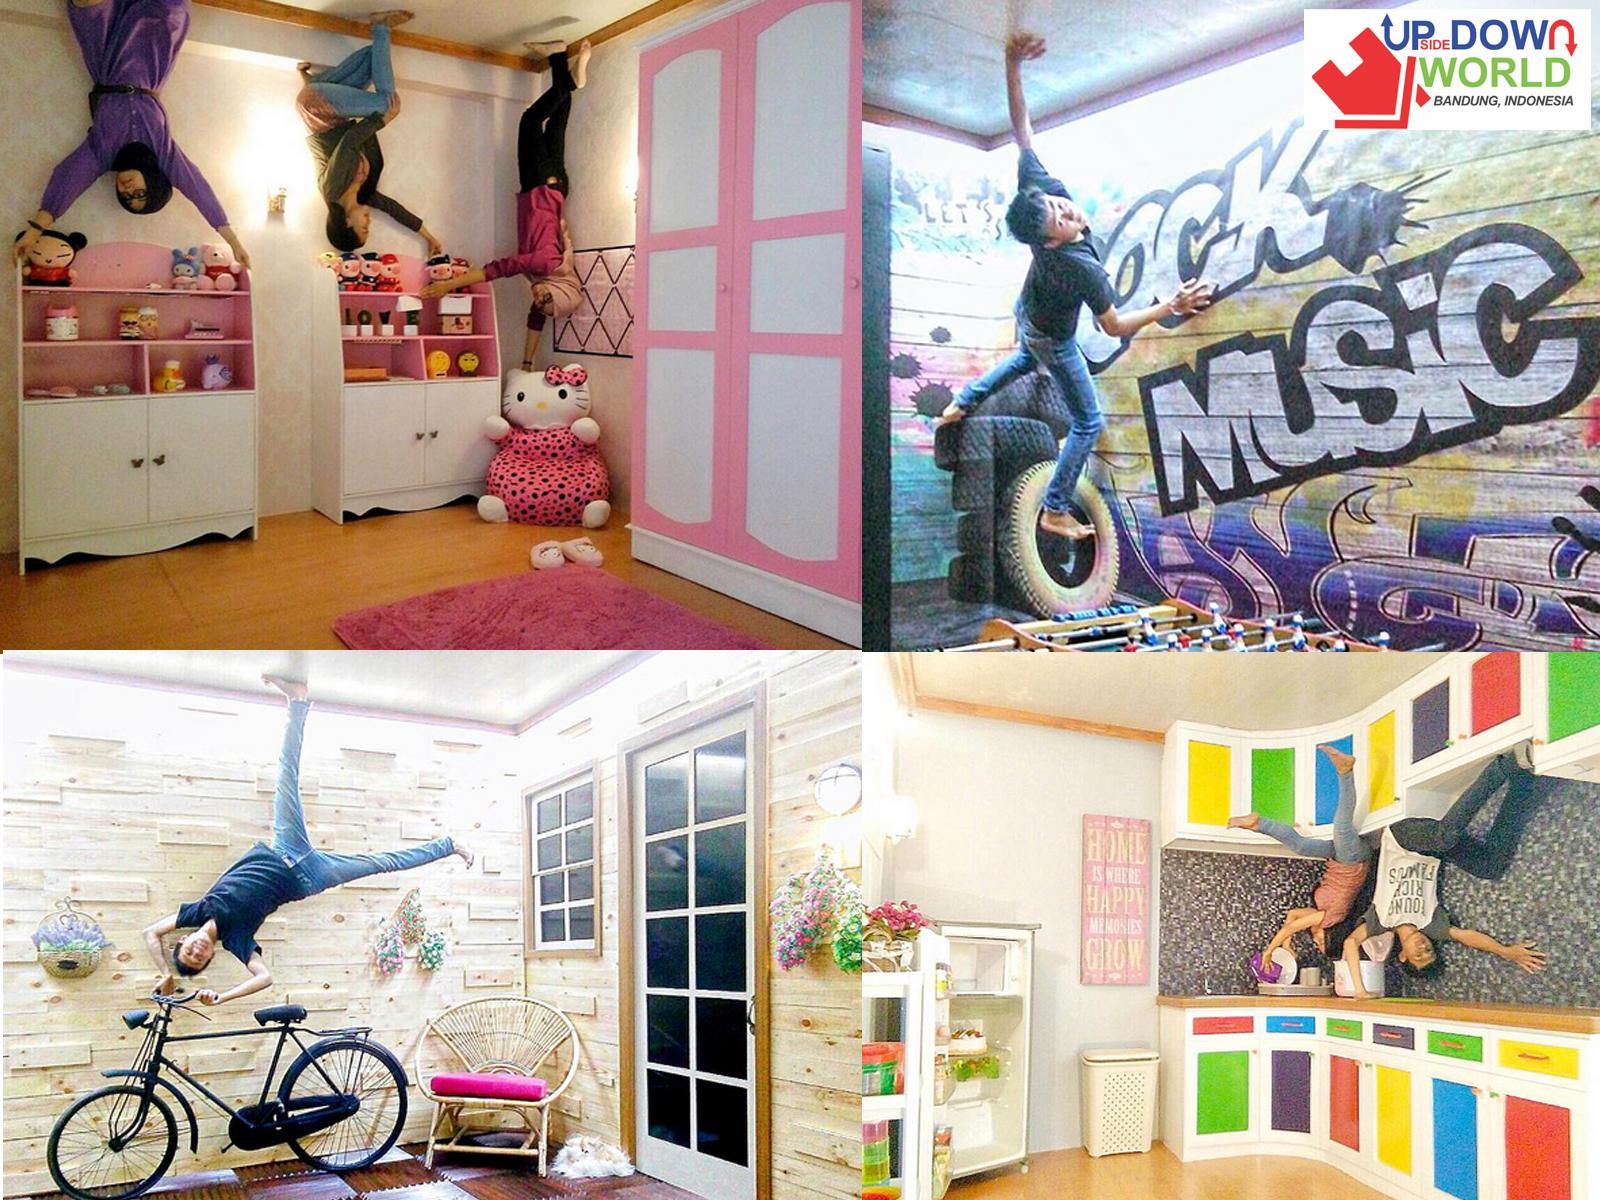 Wisata Foto Terbalik Upside World Bandung Wisatabdg Musium 3d Kota